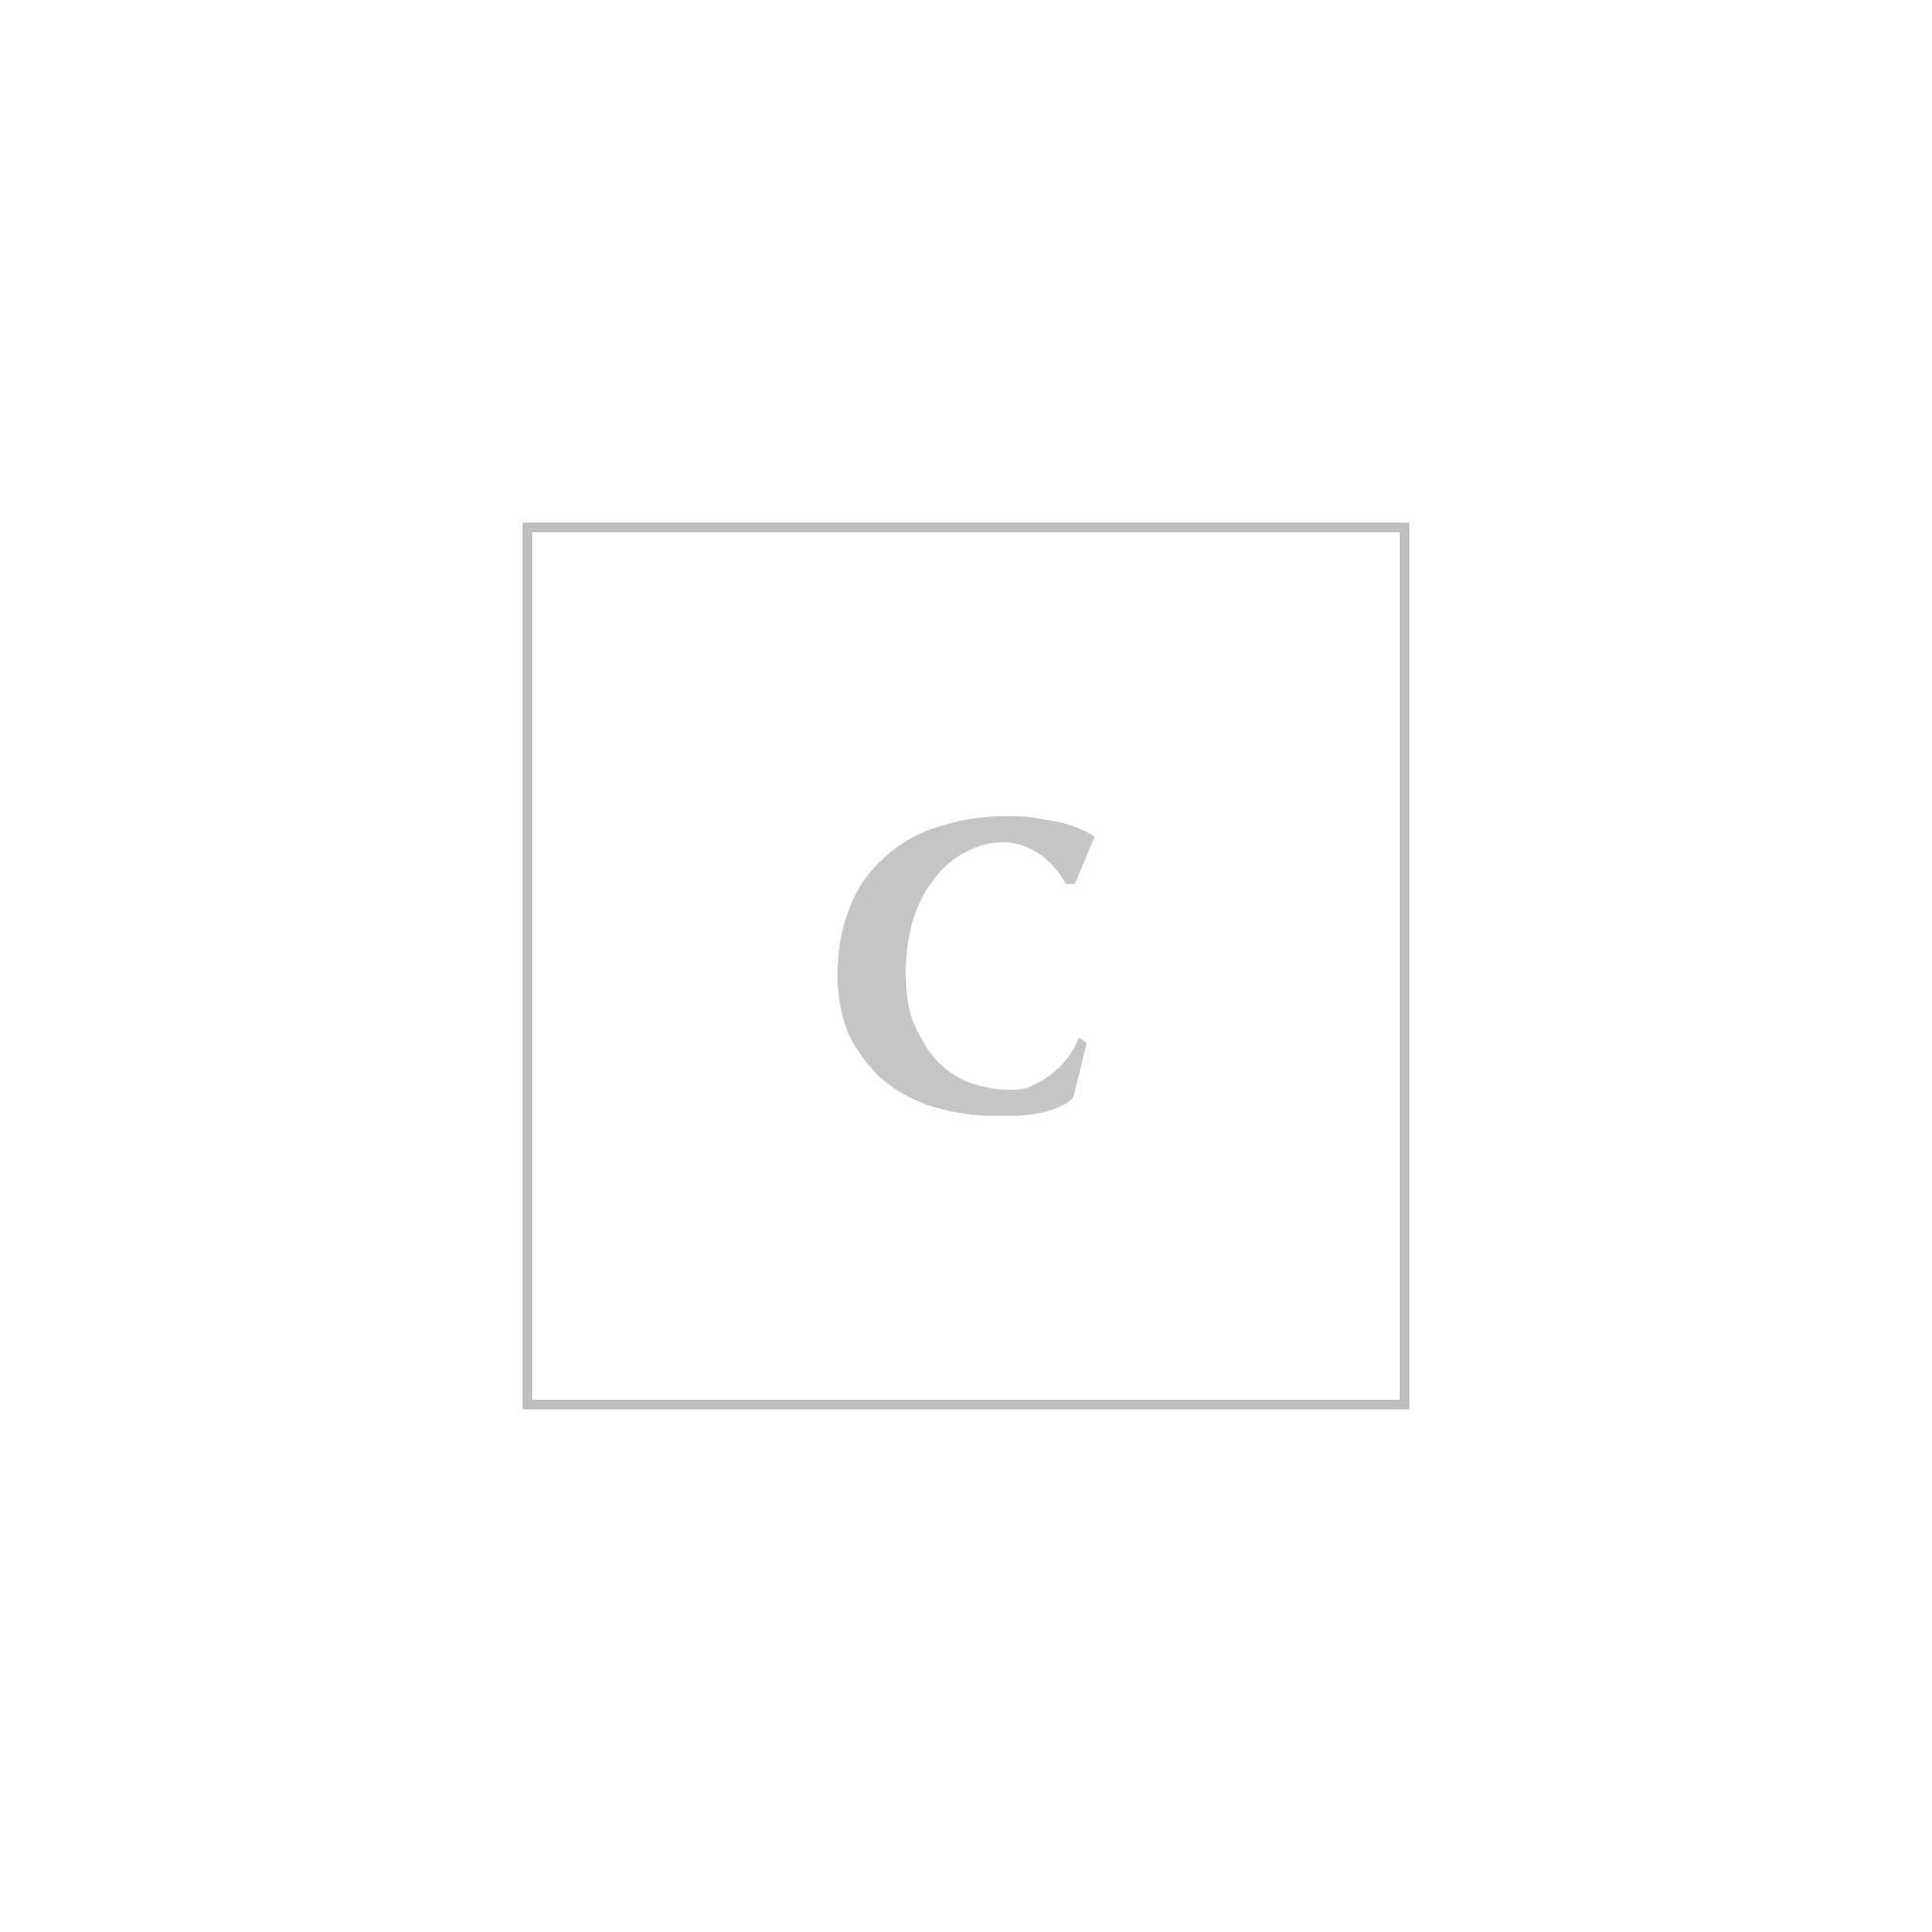 Saint laurent ysl p.foglio petit marquag147 toile monogramme